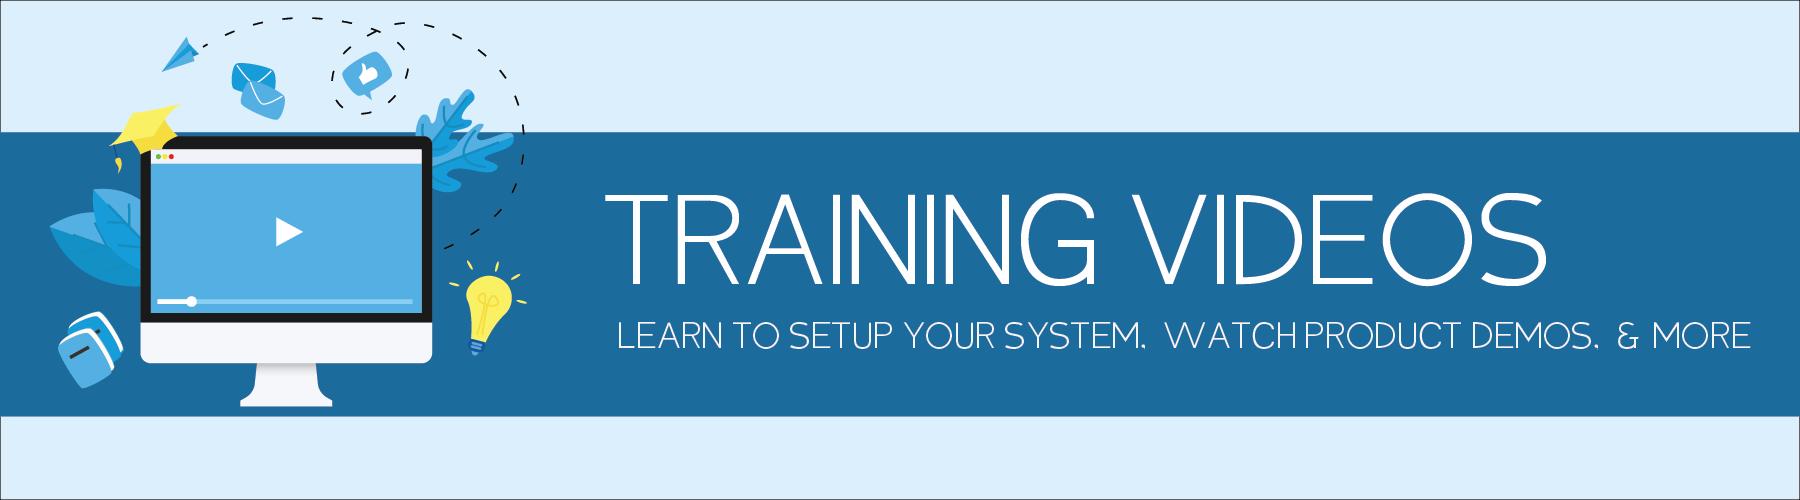 TrainingVideos2-01